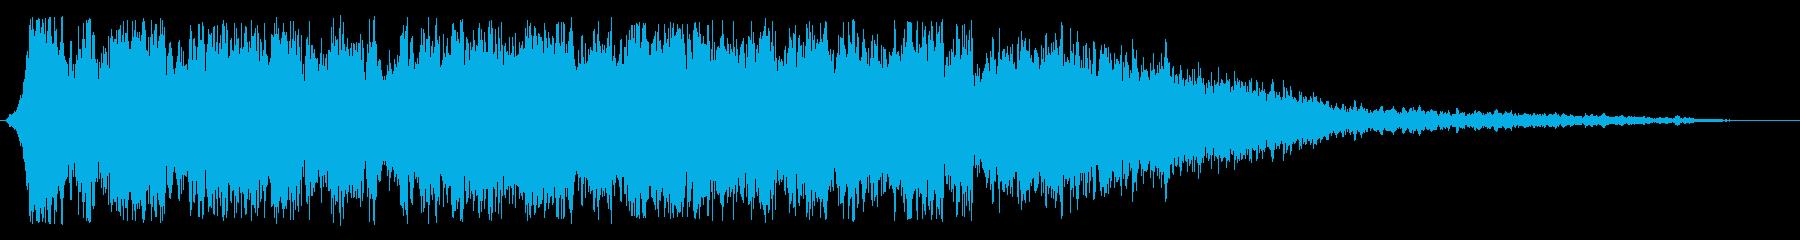 シュワワワーン(何かが飛ぶ音)の再生済みの波形